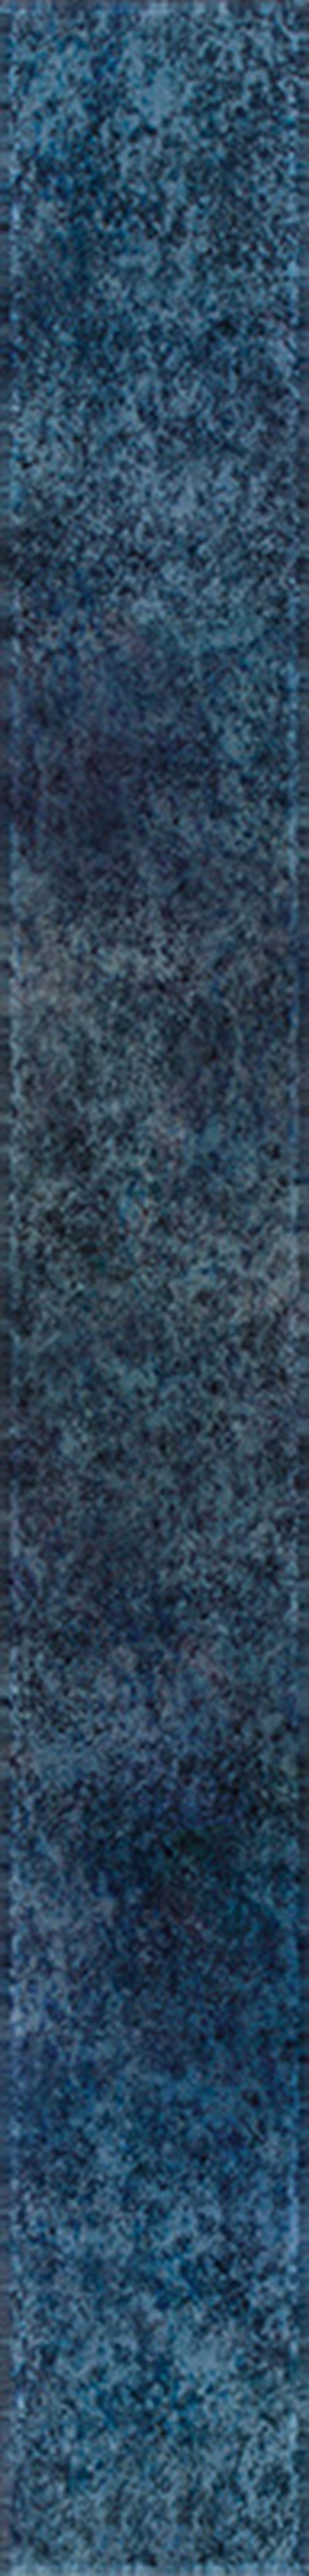 Listwa 7x59,5 cm Paradyż Uniwersalna Listwa Szklana Turkois